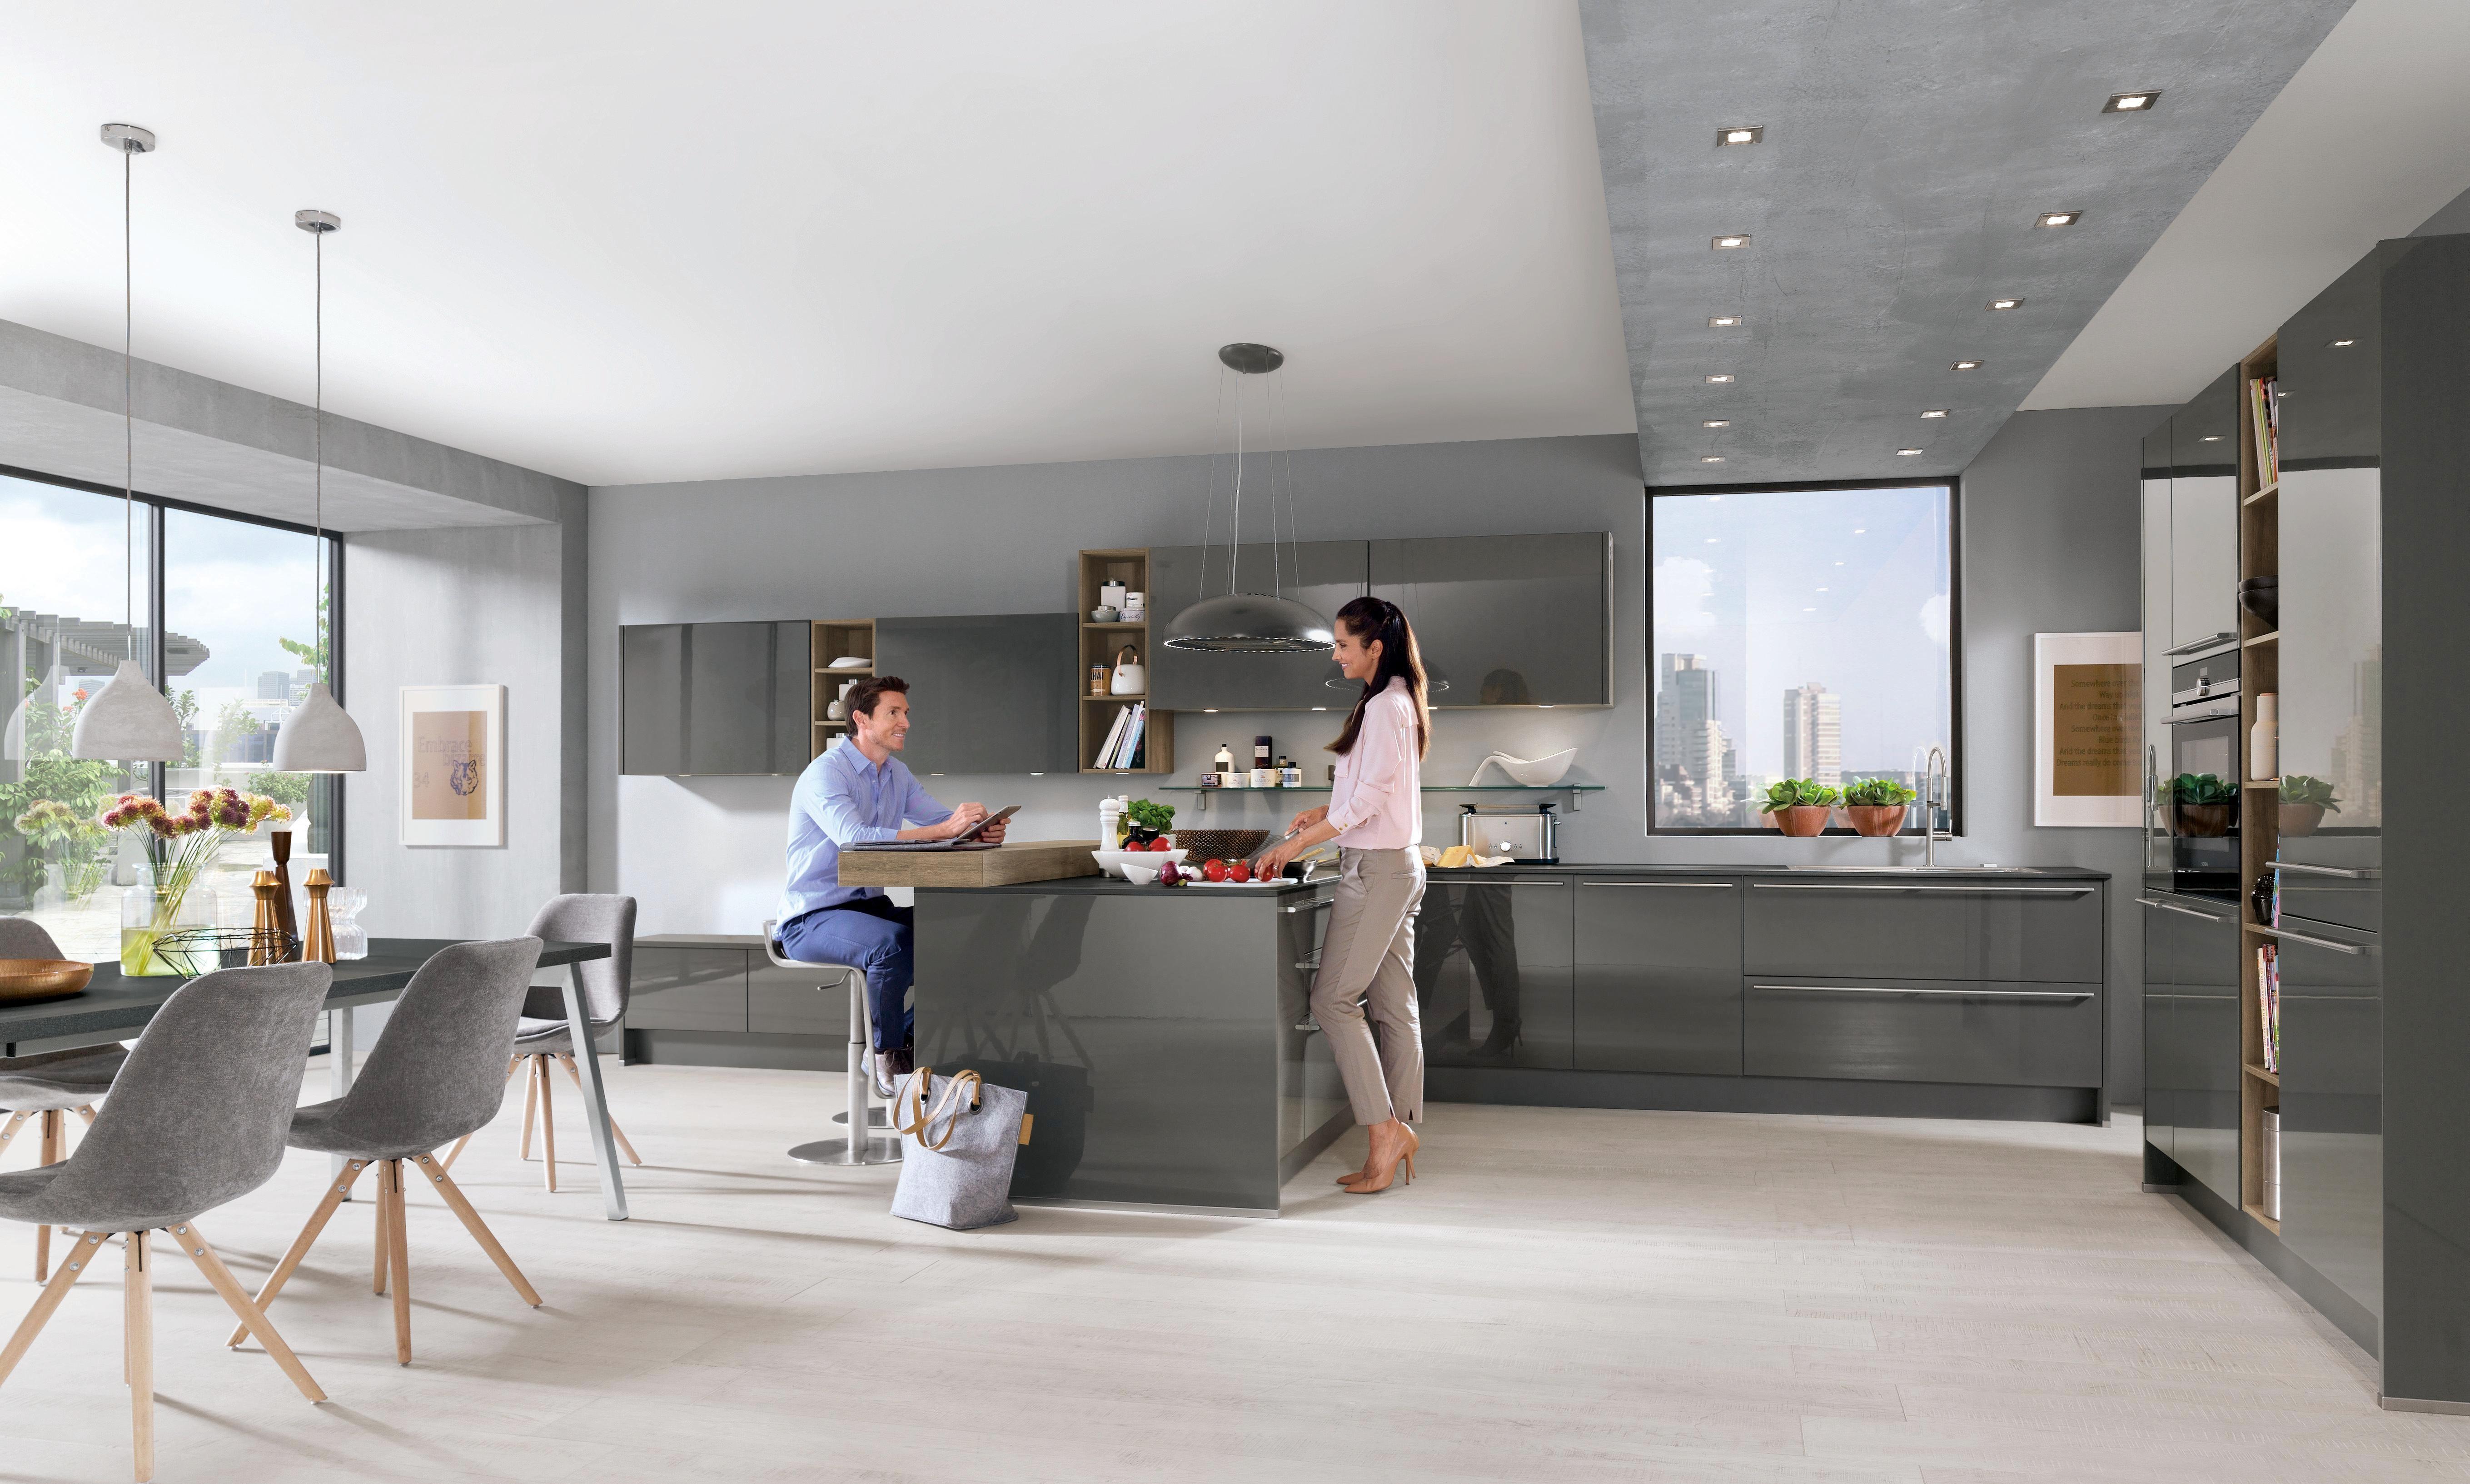 Schön Virtuelle Küchenplaner Fotos - Ideen Für Die Küche Dekoration ...